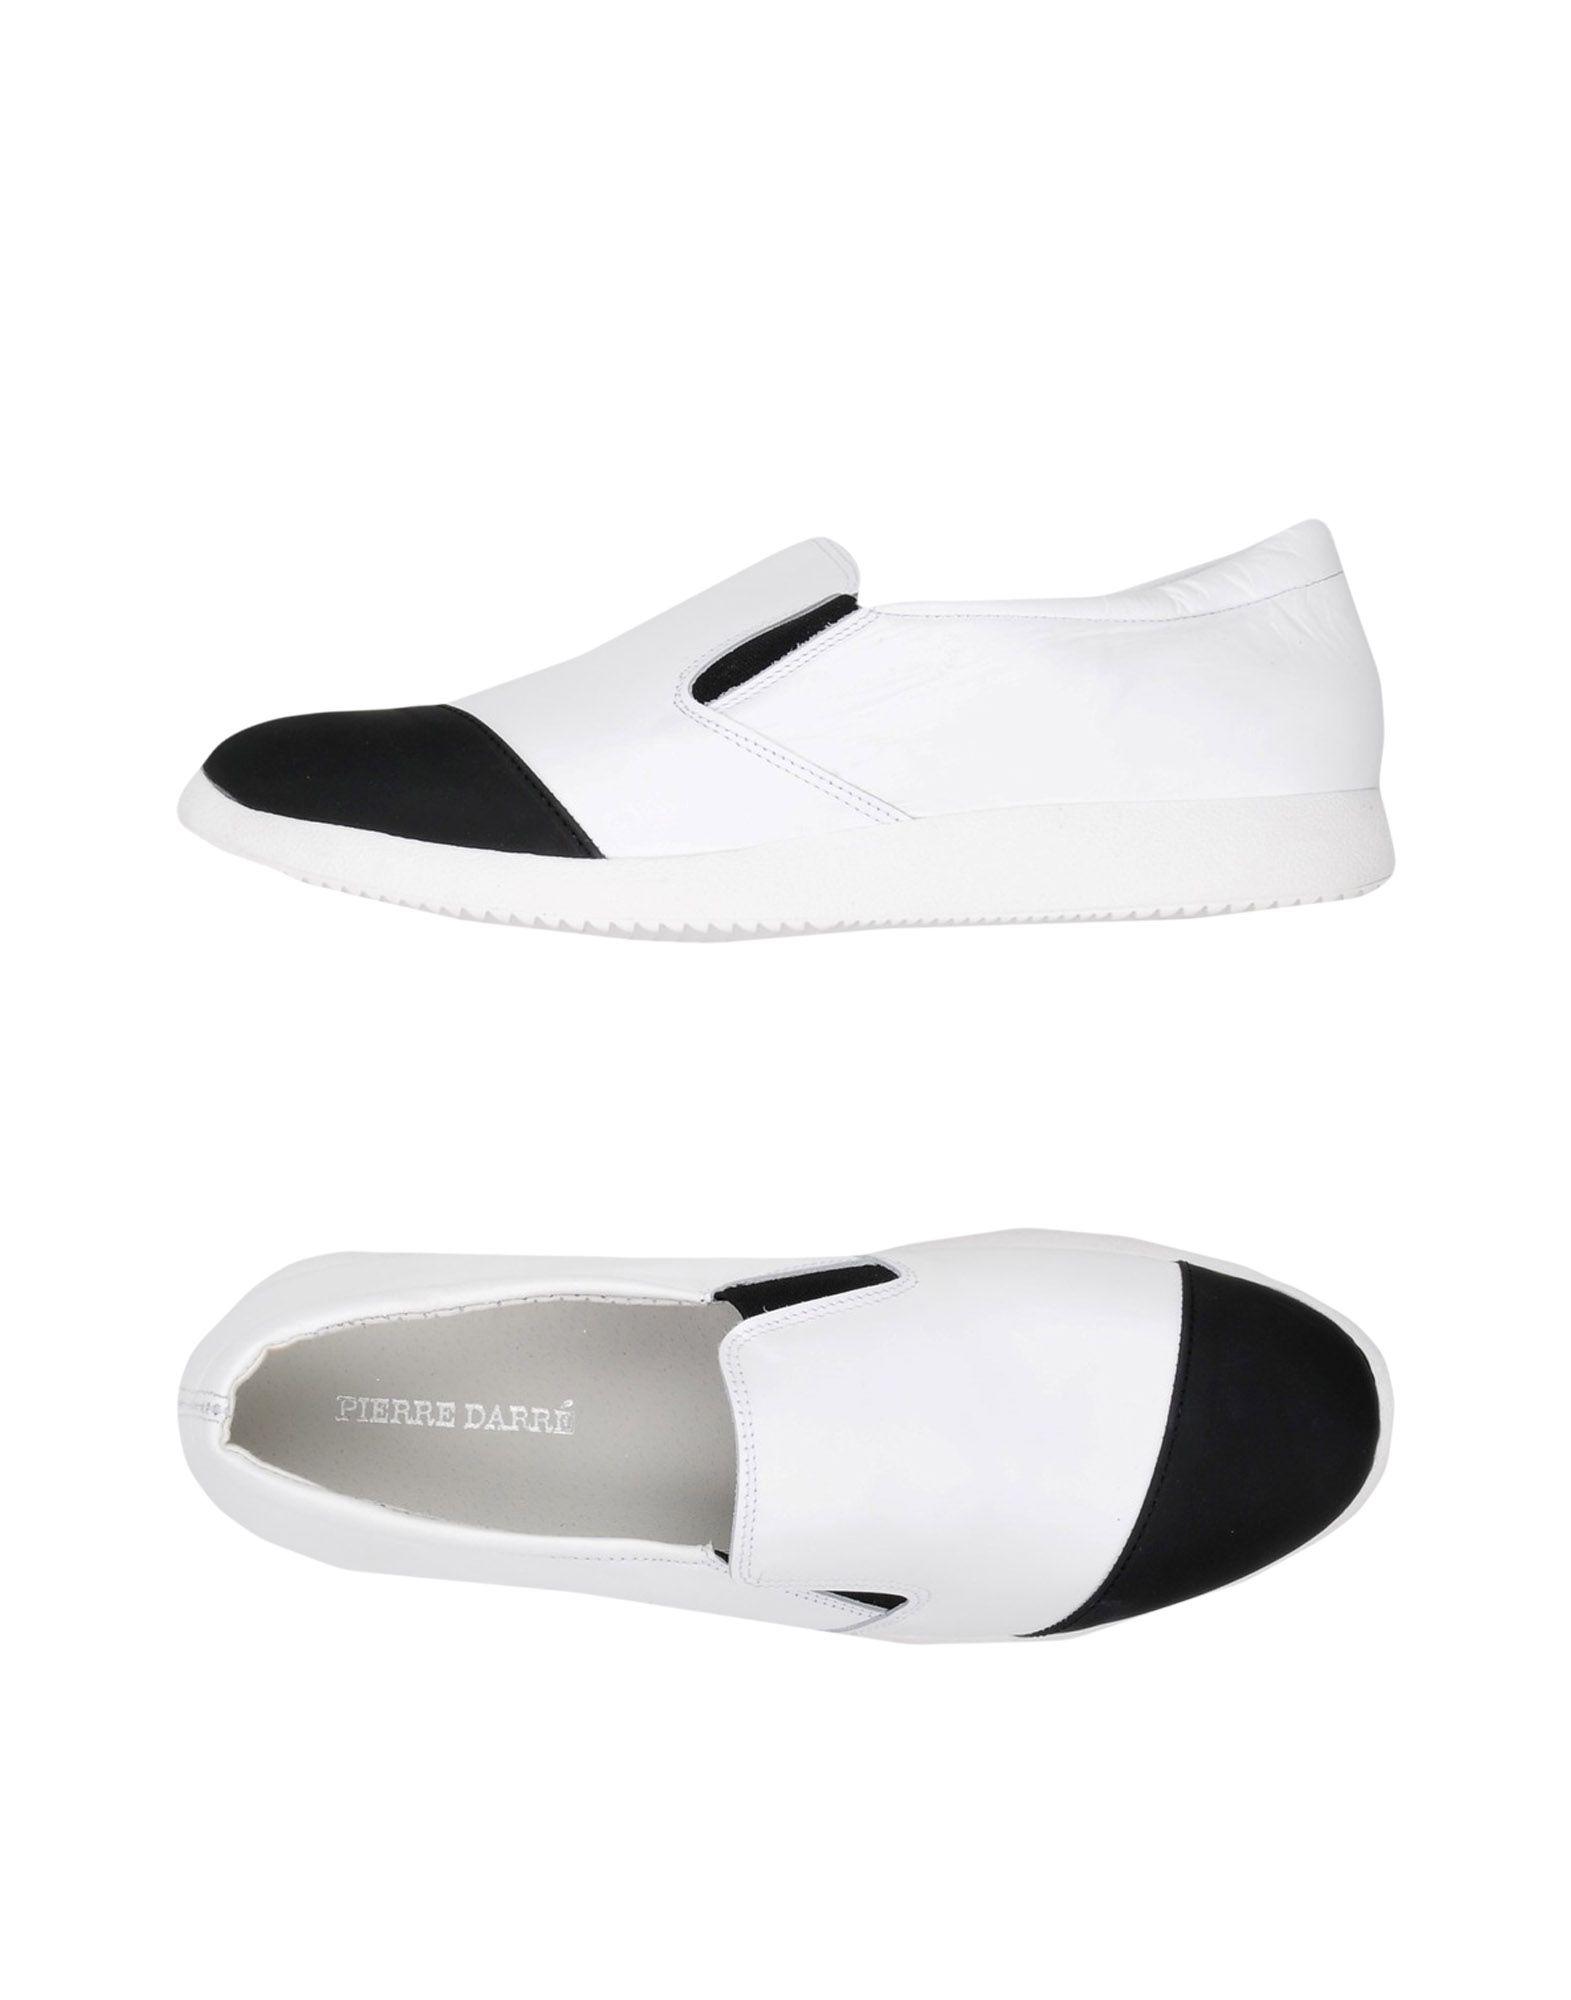 Sneakers Pierre Darré Homme - Sneakers Pierre Darré  Blanc Nouvelles chaussures pour hommes et femmes, remise limitée dans le temps